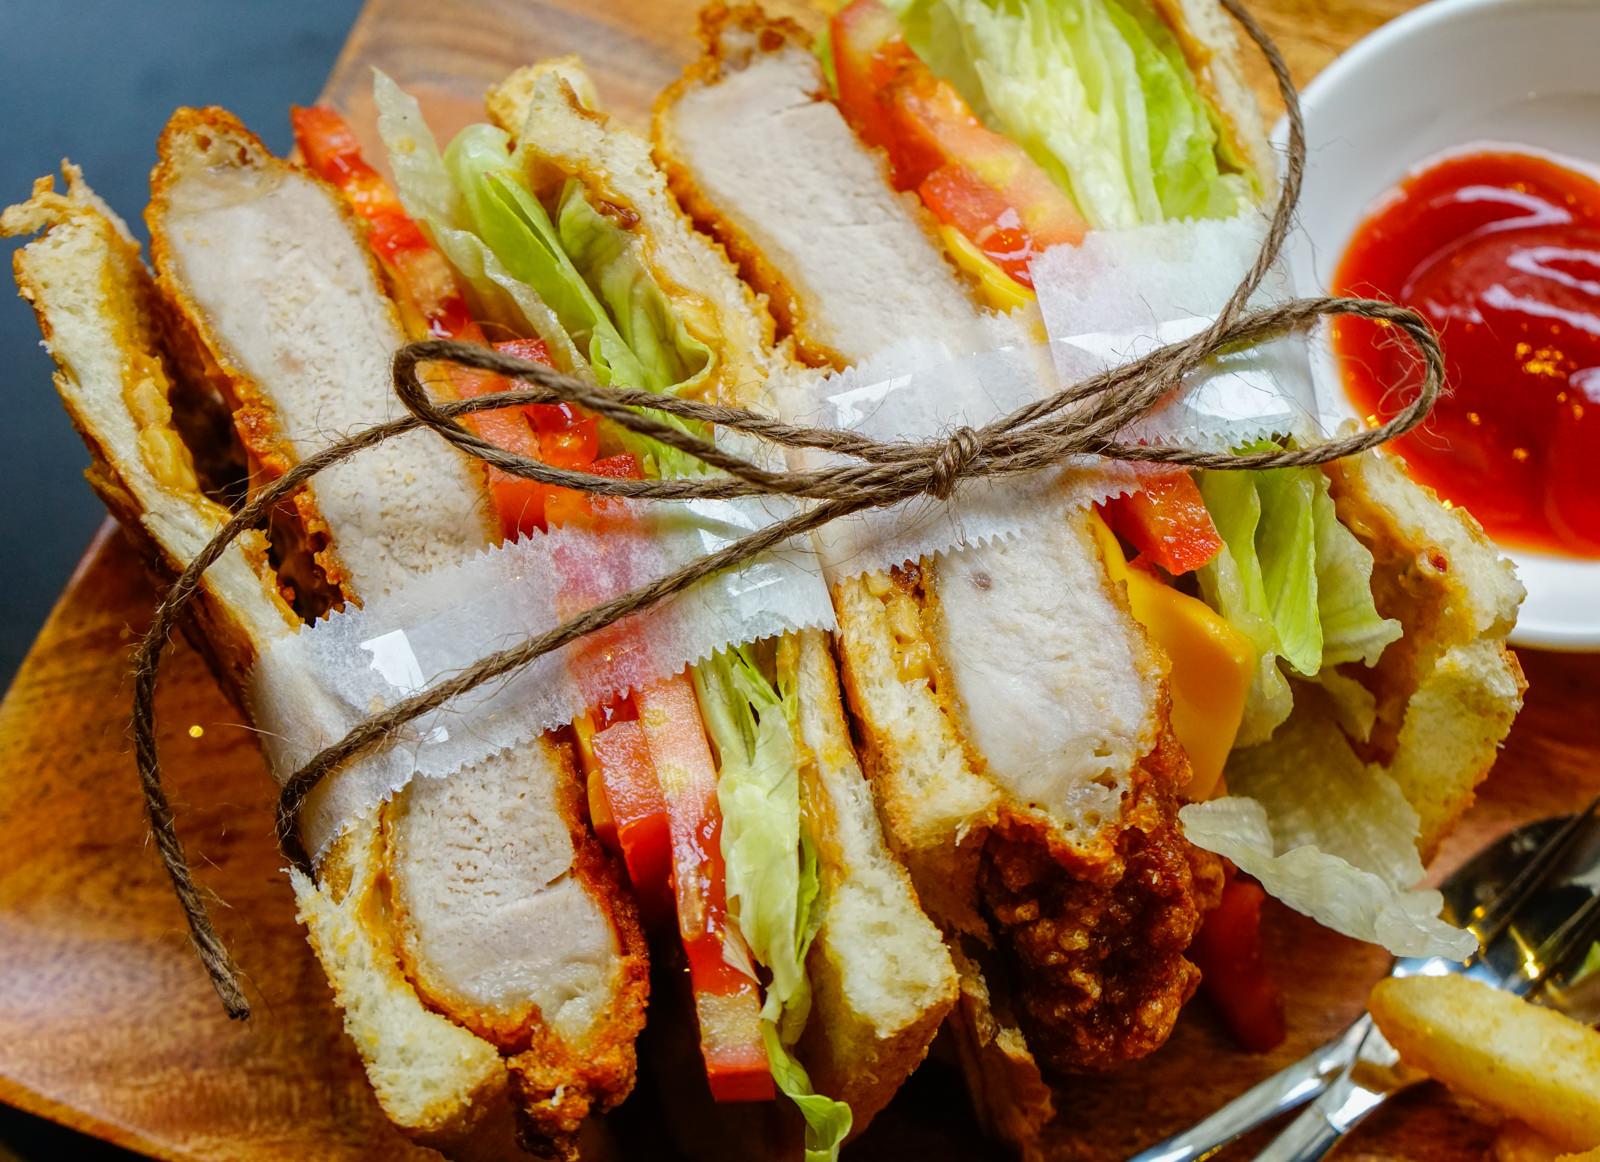 [高雄]花拾間咖啡廚房-飽足豬排三明治x美味家常味簡餐 充滿藝術氣息的咖啡店 高雄簡餐推薦 @美食好芃友